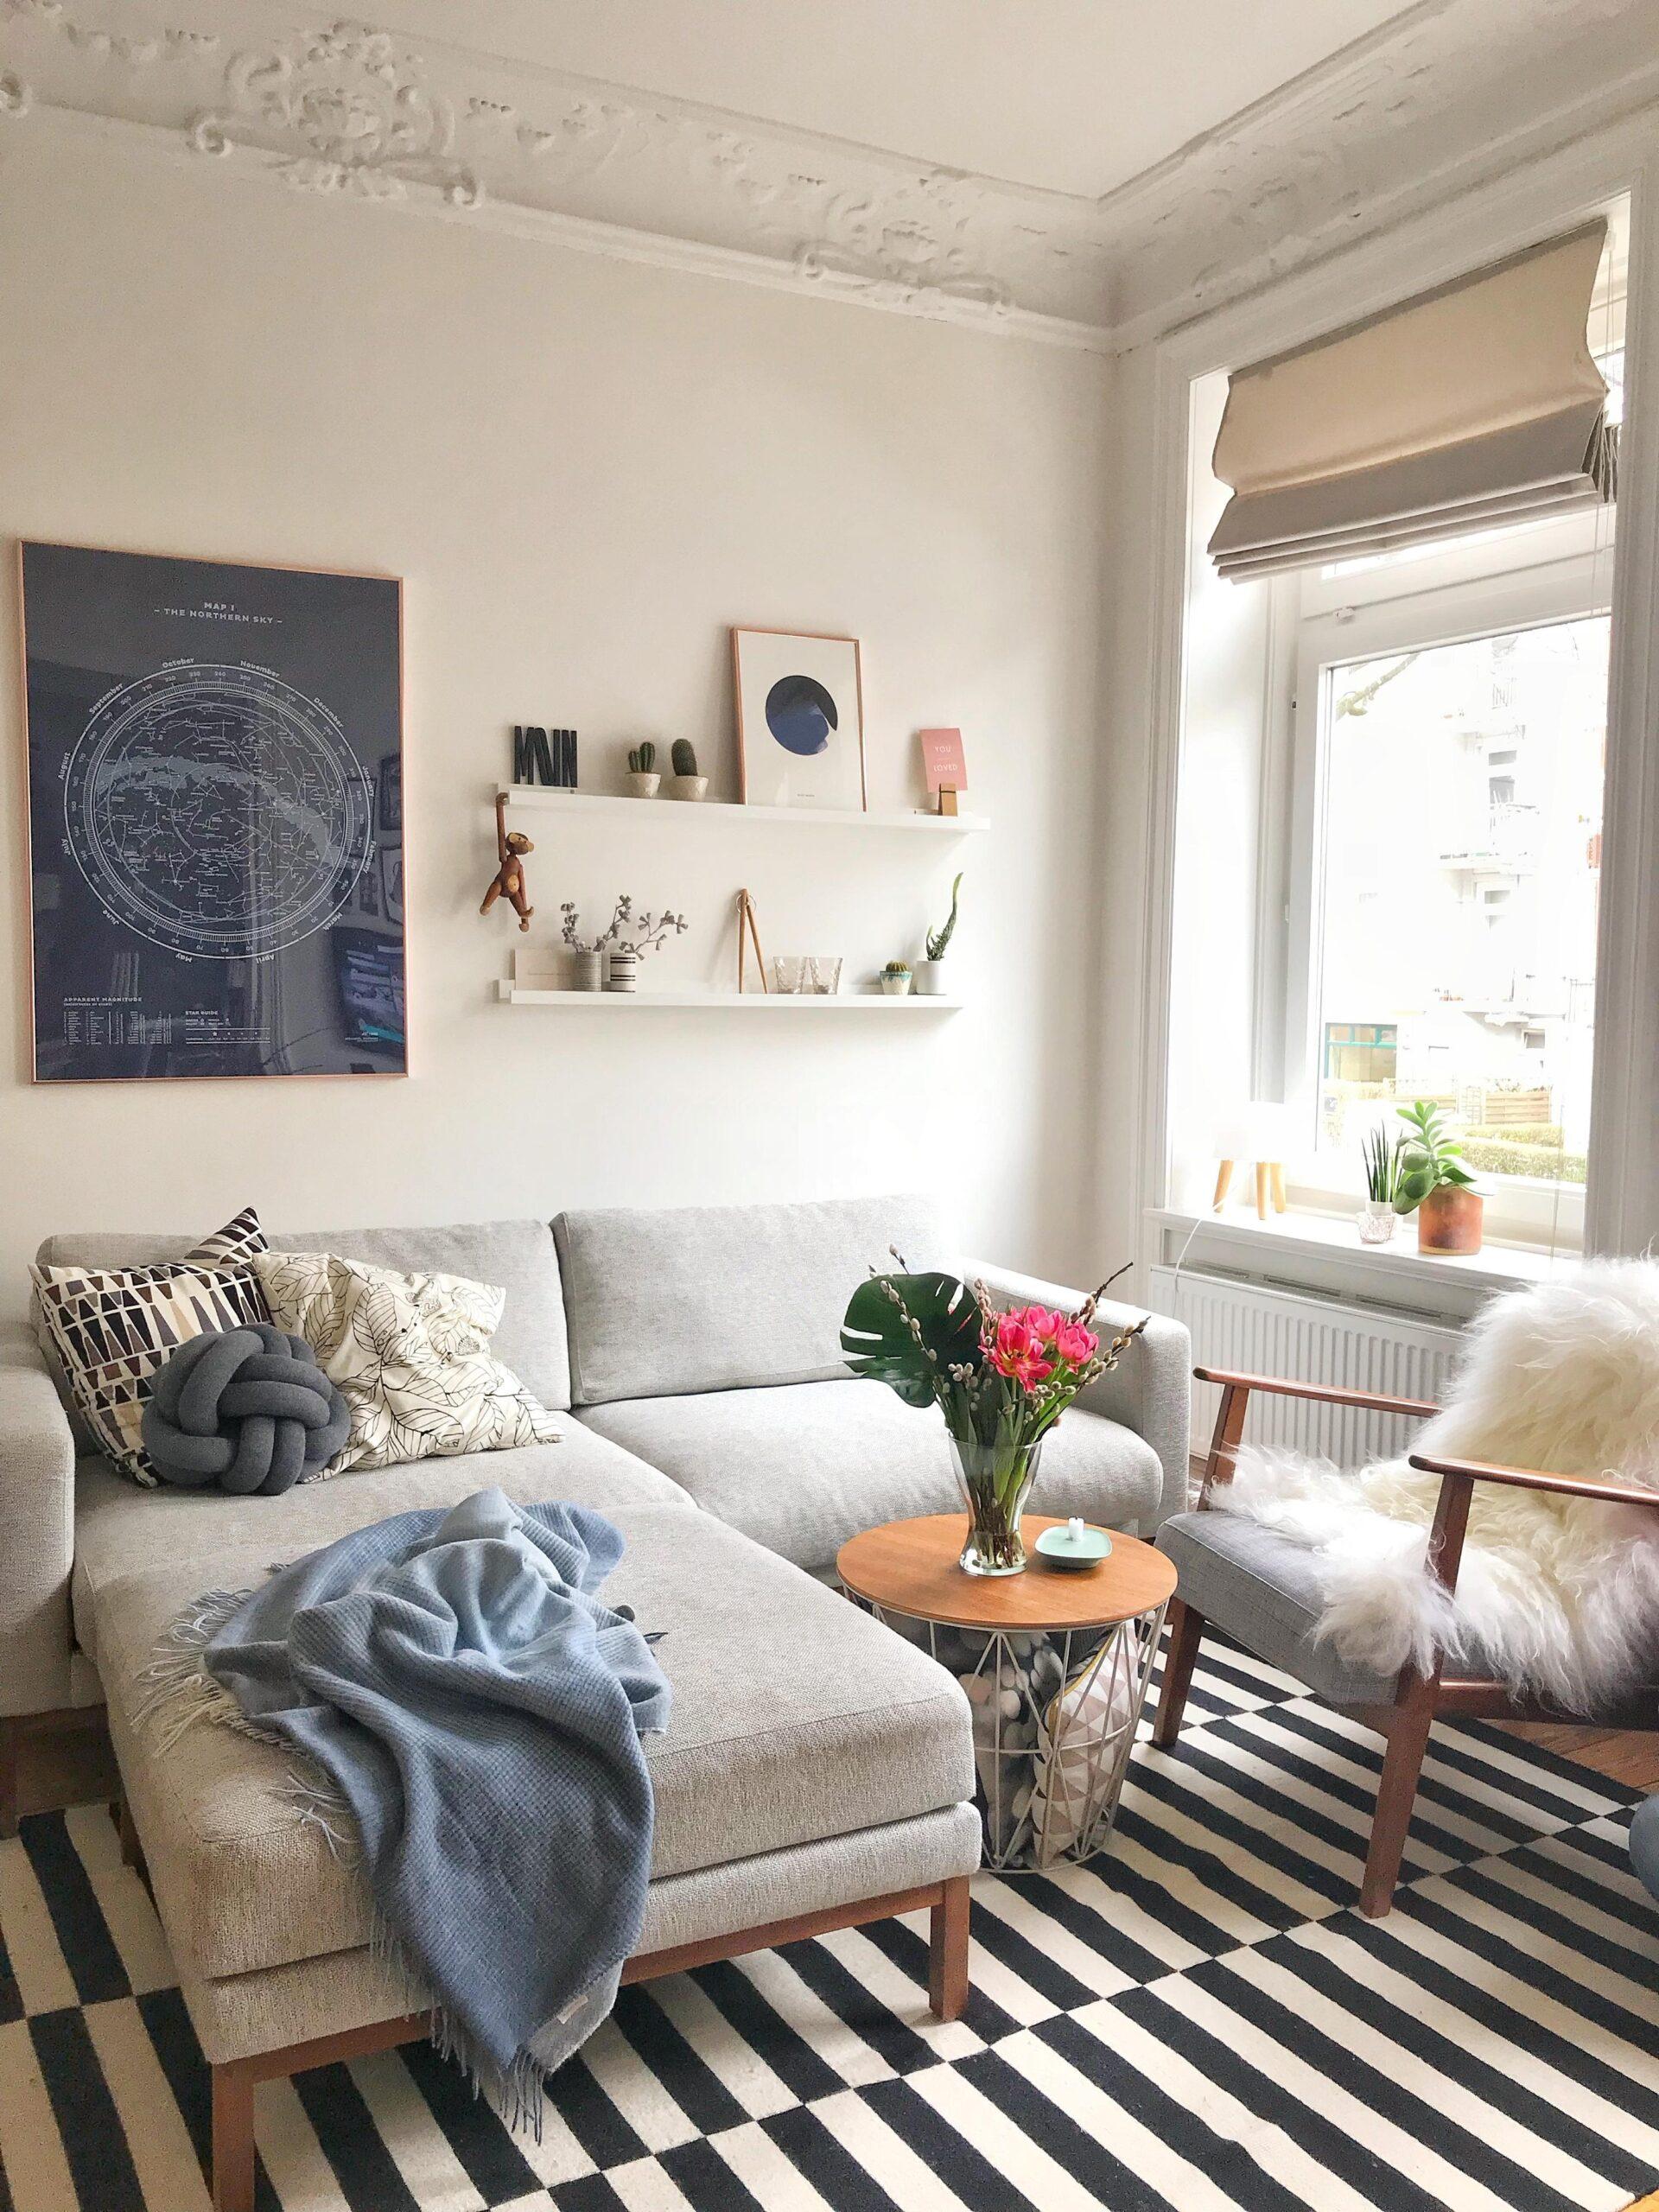 Full Size of Graues Sofa Bilder Ideen Couch Liege Himolla Sitzsack Kolonialstil überzug Xora Indomo Reinigen Kleines Wohnzimmer Polyrattan Blaues Rattan Garten Sofa Graues Sofa